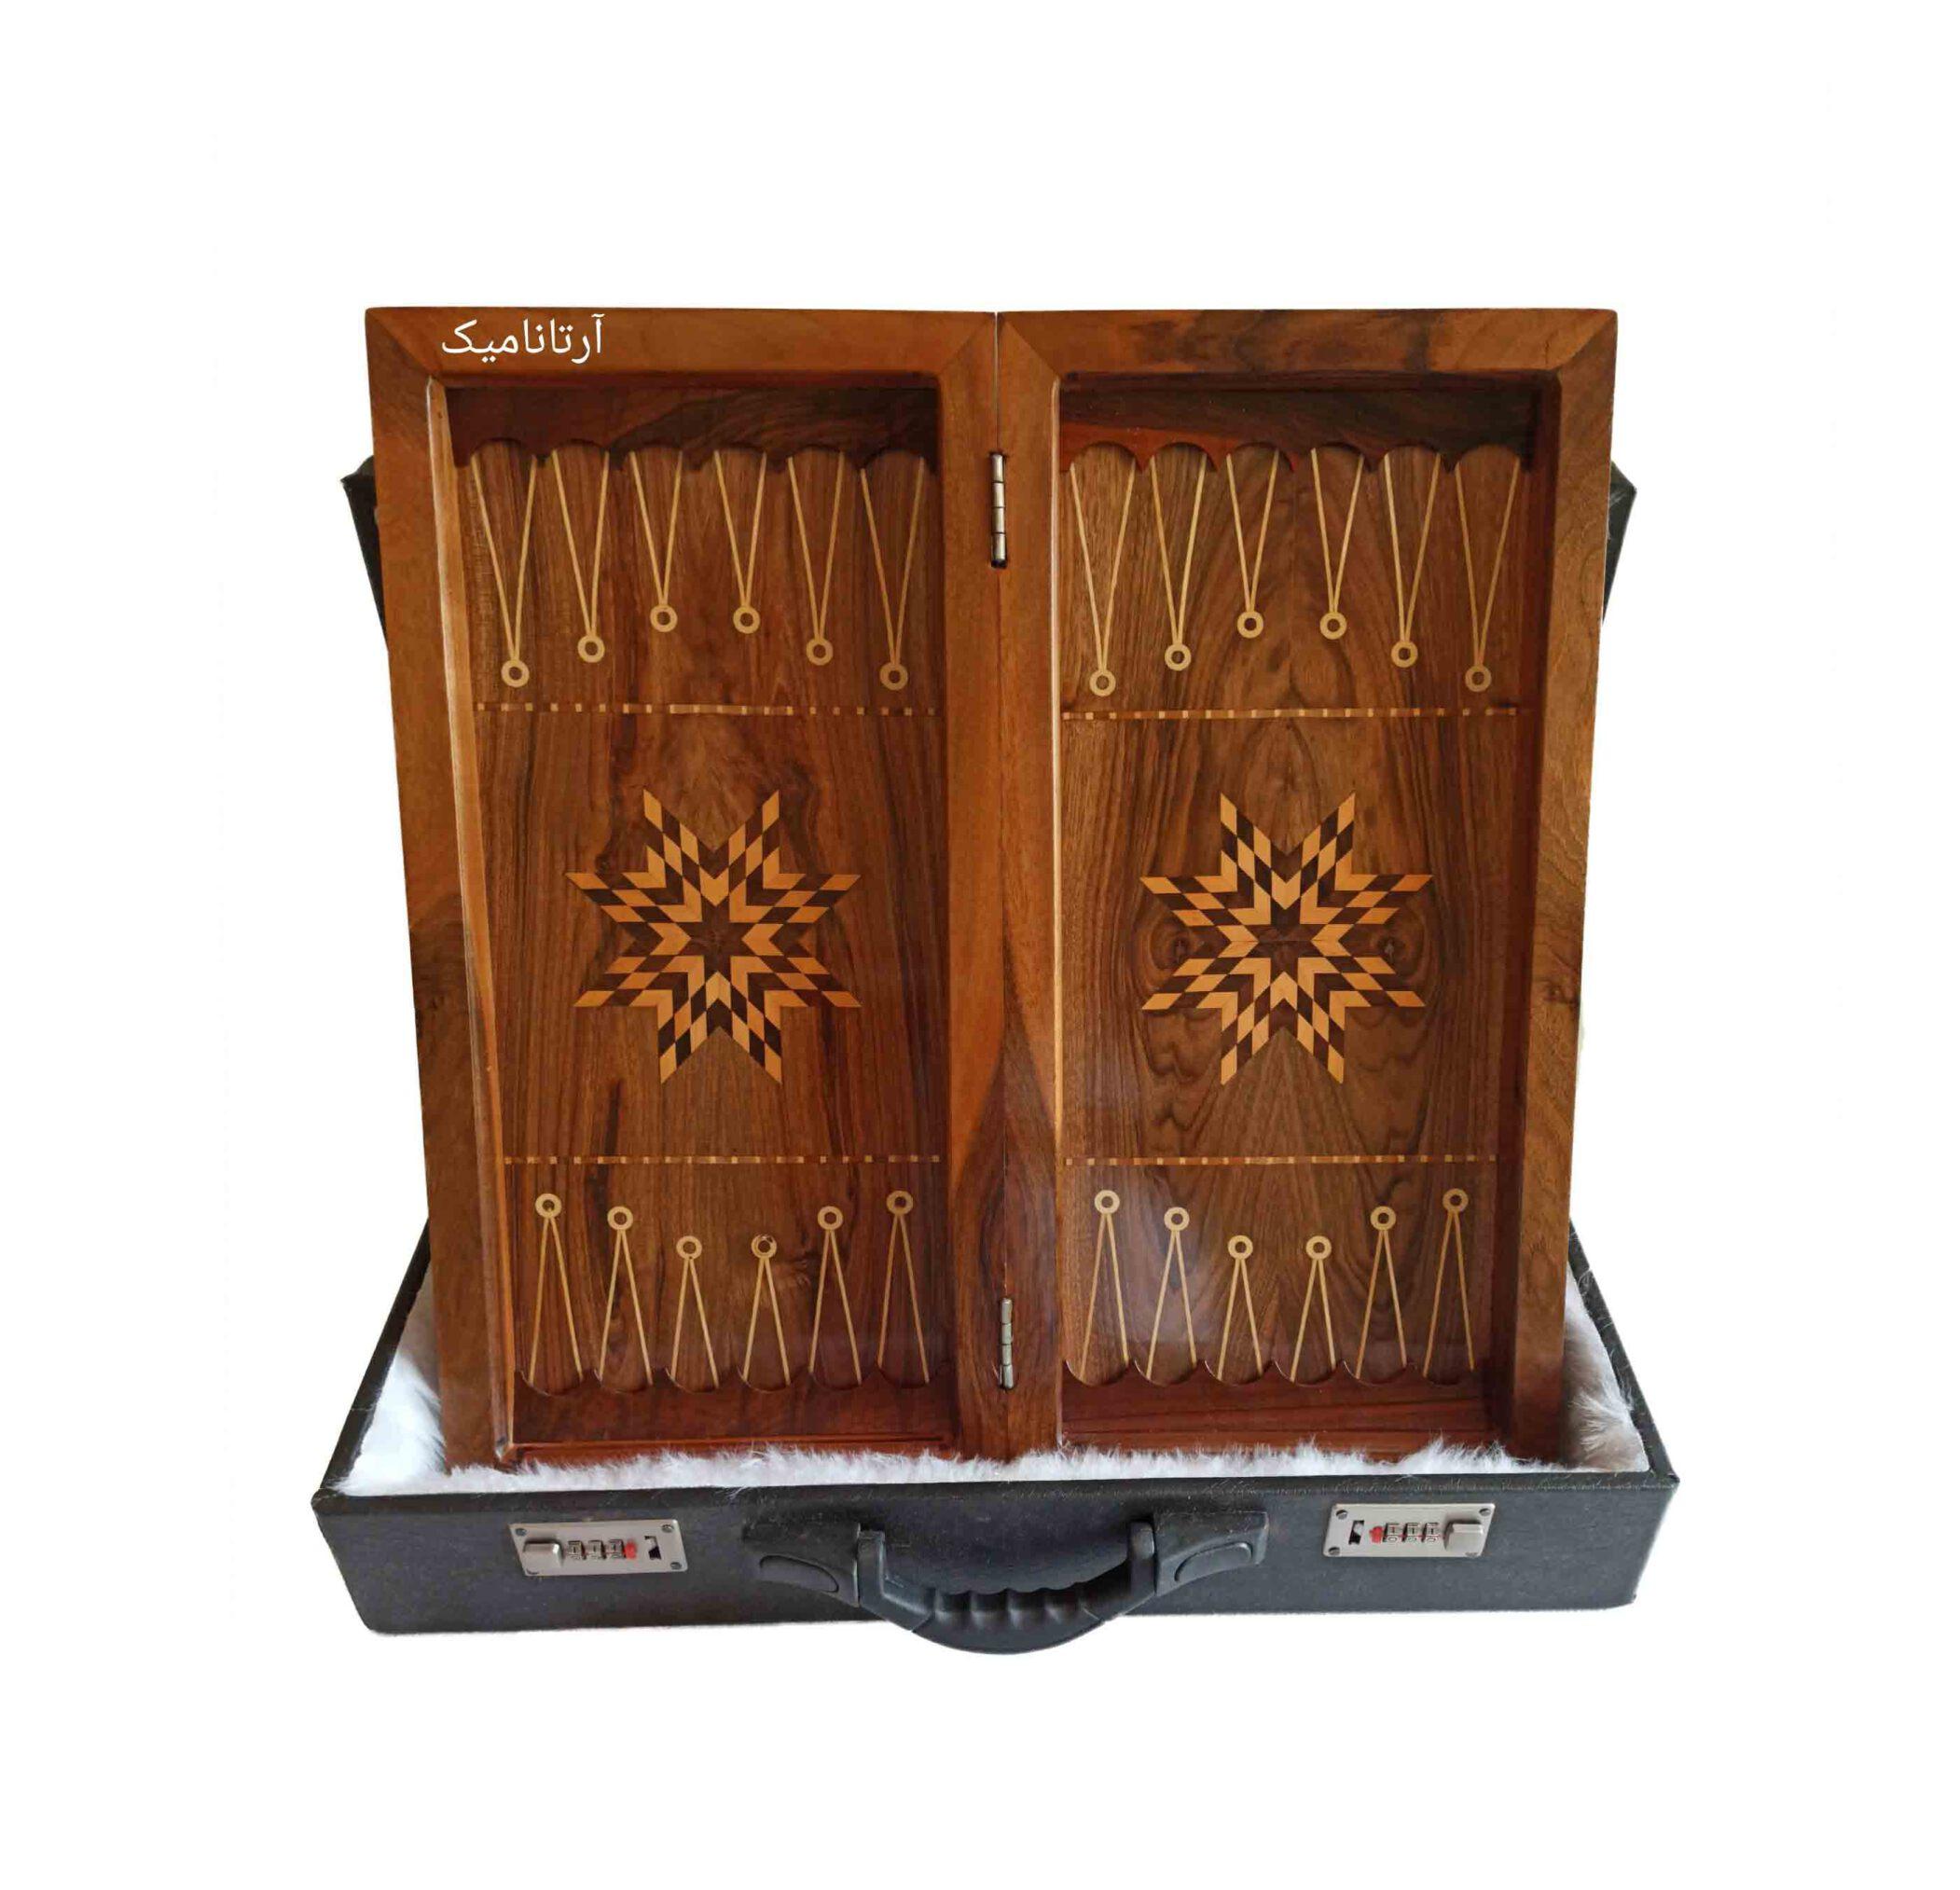 داخل تخته نرد منبت کاری طرح برباد، تخته نرد کادویی و تخته نرد نفیس، ساخته شده از چوب گردو